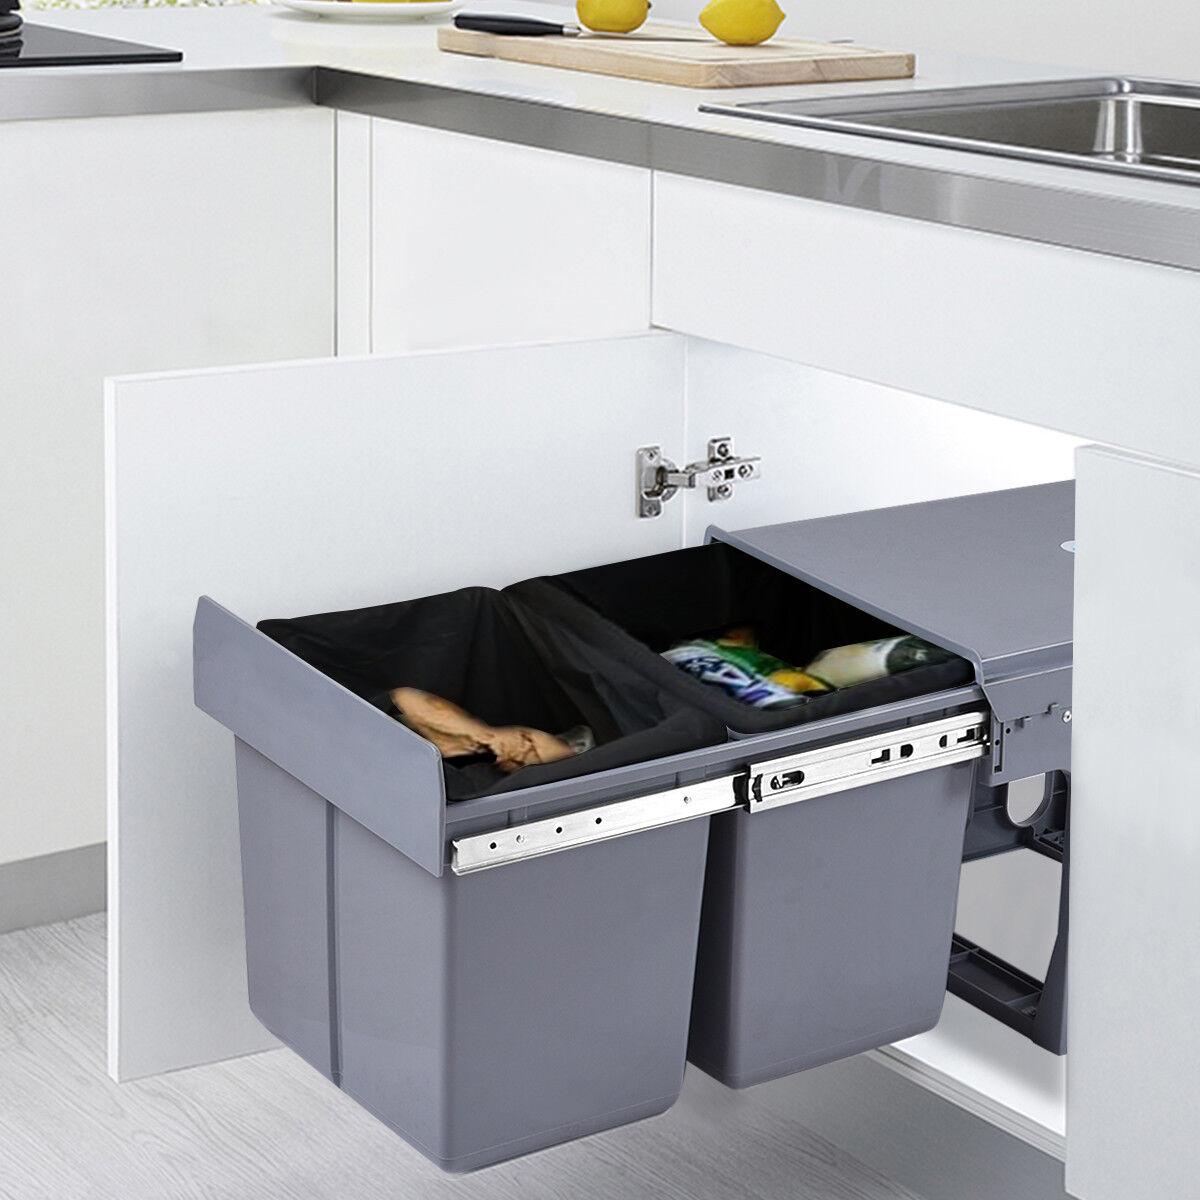 Küchen Abfalleimer Test Vergleich +++ Küchen Abfalleimer günstig kaufen!